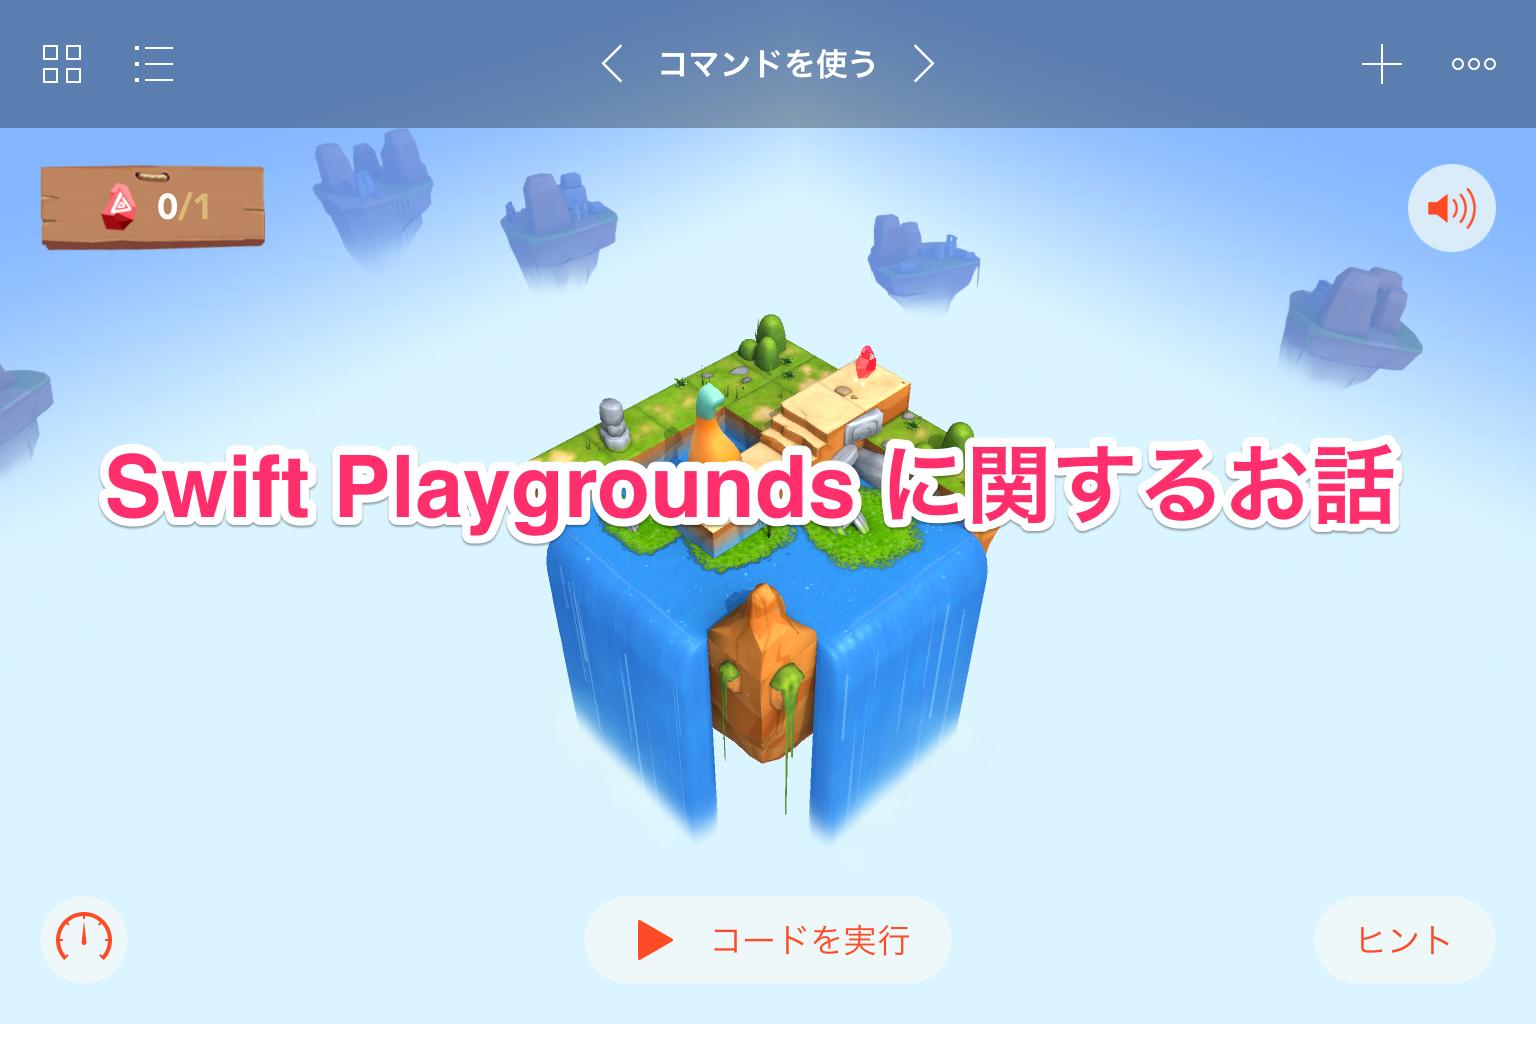 Swift Playgrounds に関するお話